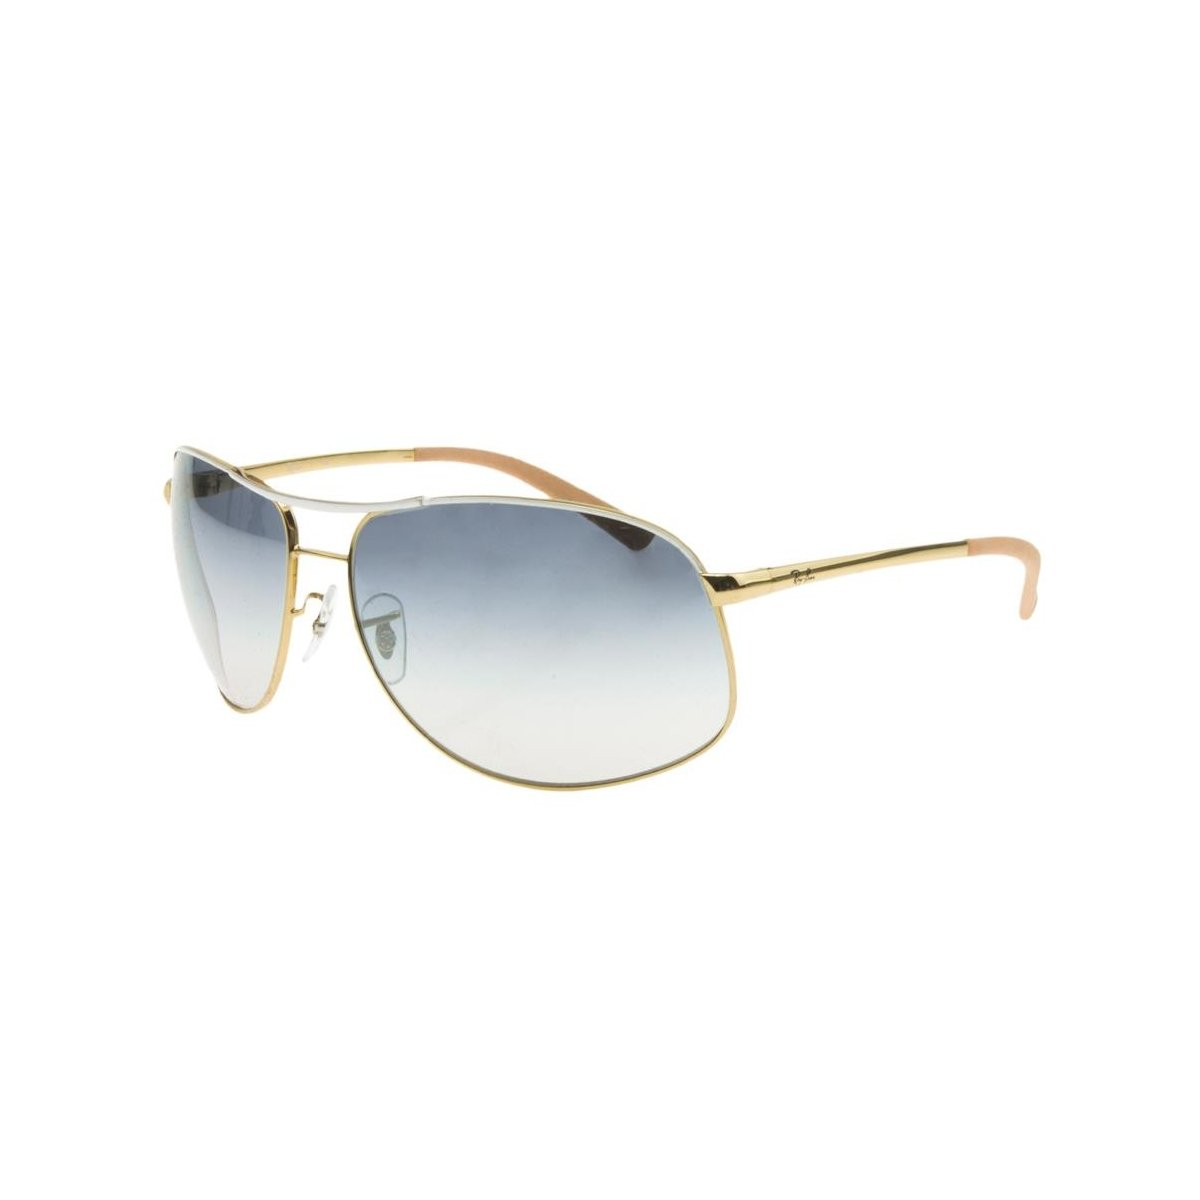 Óculos de Sol Ray Ban - Compre Agora   Netshoes 4ab1026eda